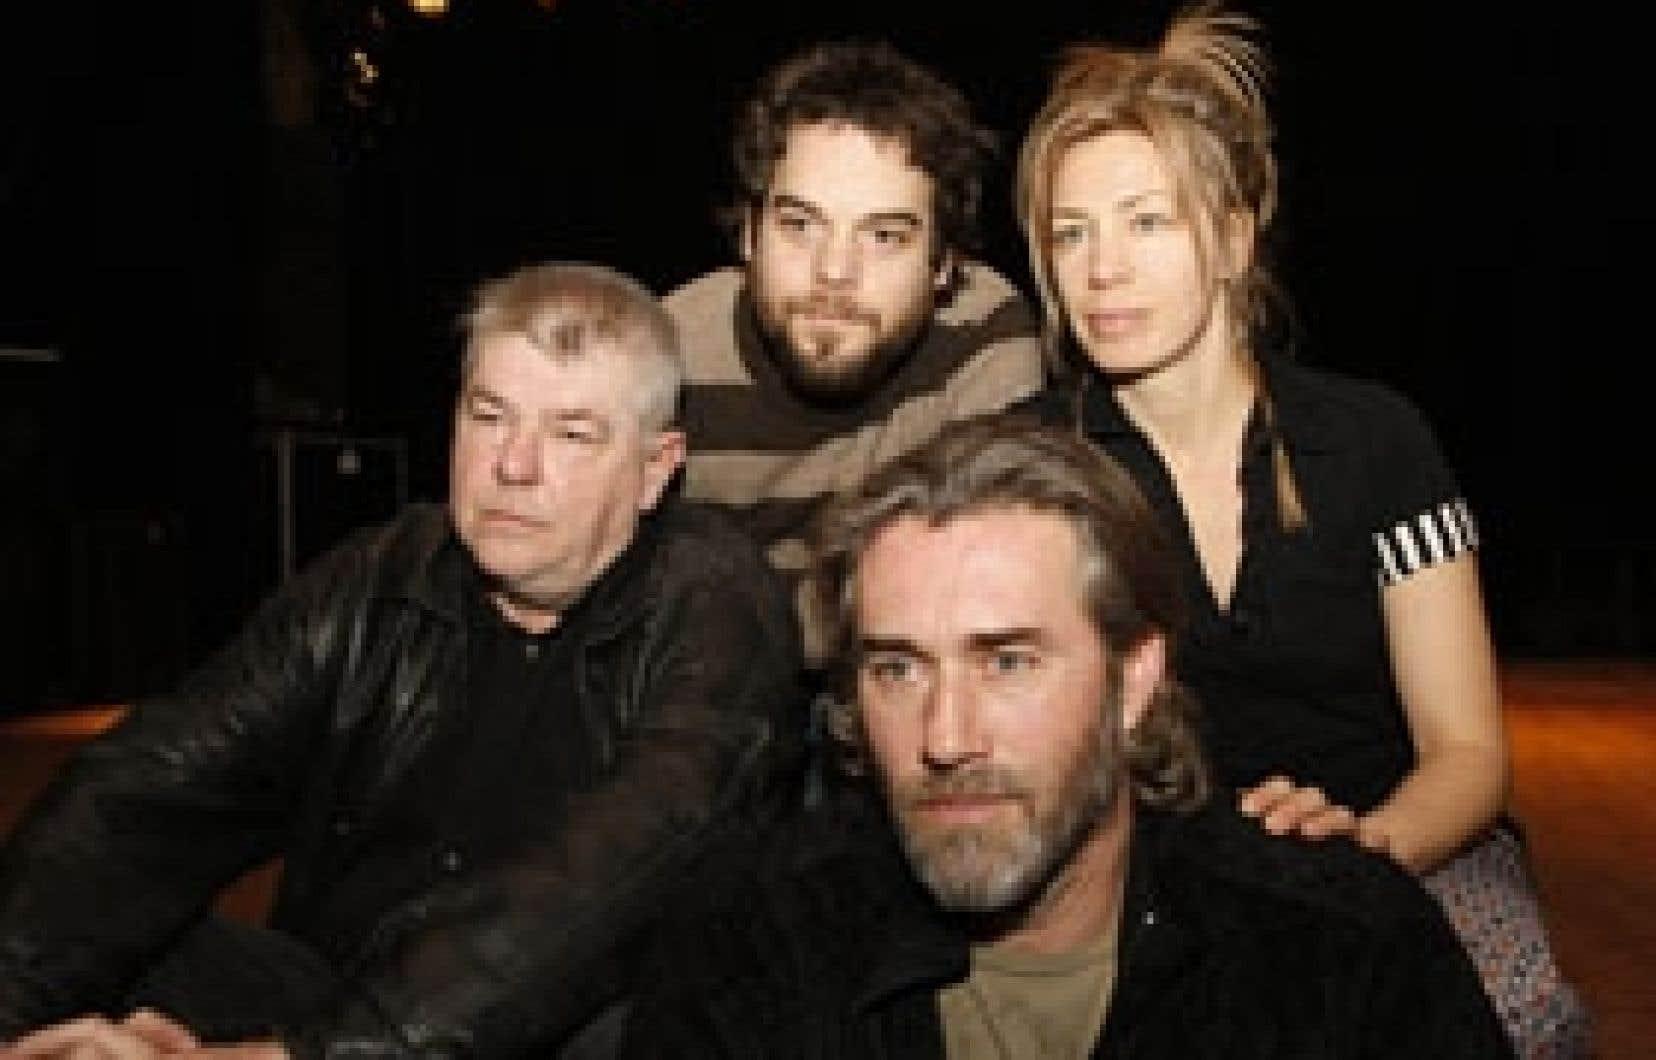 Le réalisateur André Forcier accompagné des comédiens Pierre-Luc Brillant,  Céline Bonnier et Roy Dupuis